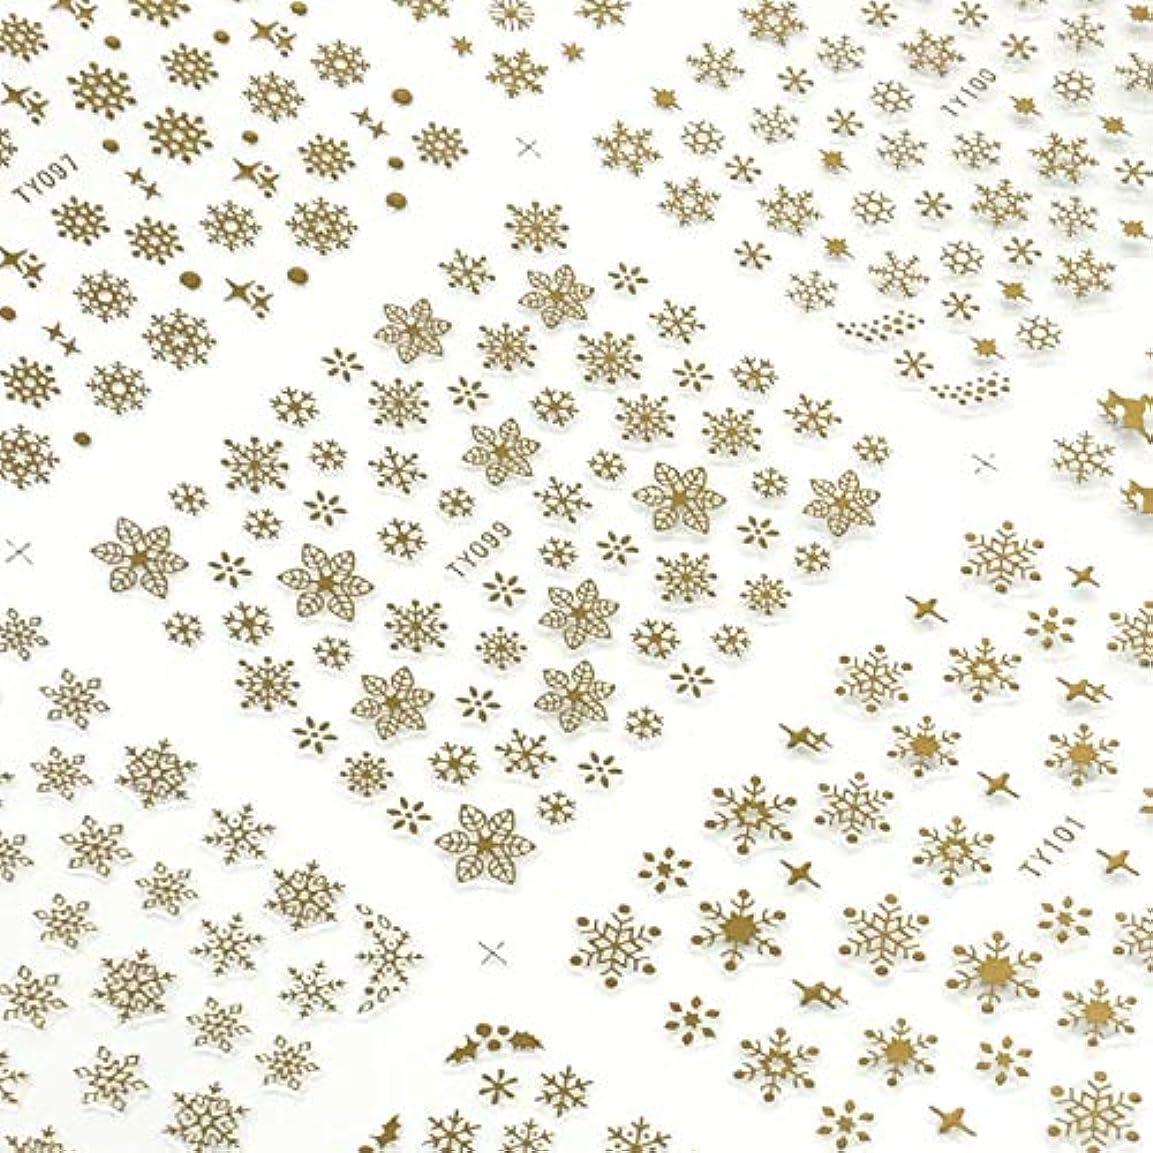 排他的常習的起業家雪の結晶シール 大判BIGビッグサイズ12種大容量ステッカー ネイル用文具貼り紙雪の花華スノー 3色選べる金銀白 冬 (金色 Gold)